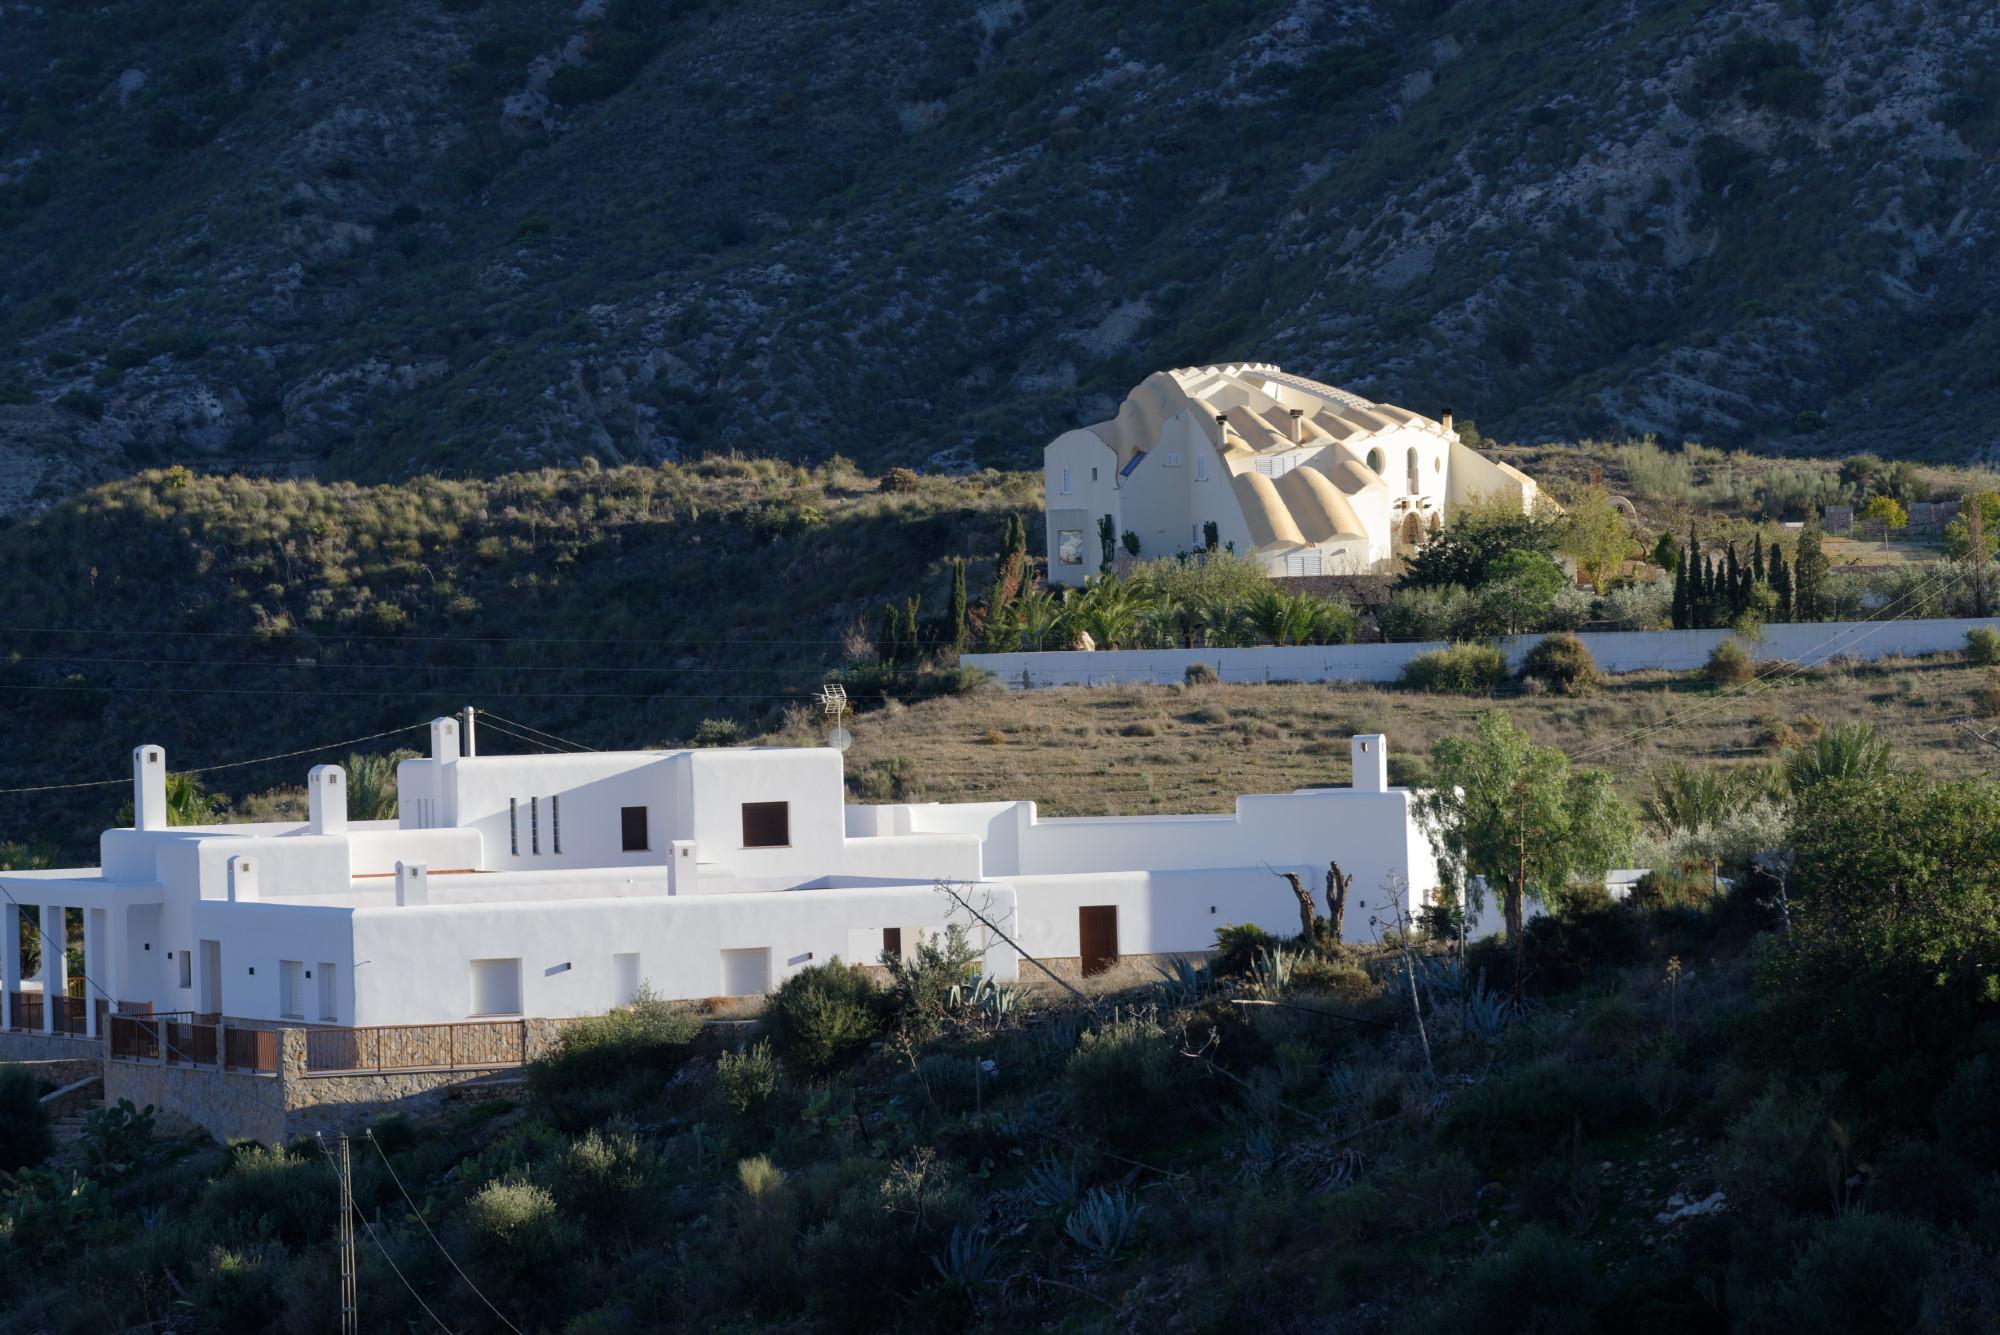 171216-Region Carboneras La Cueva del Parajo (Cabo de Gata-Andalousie) (16)